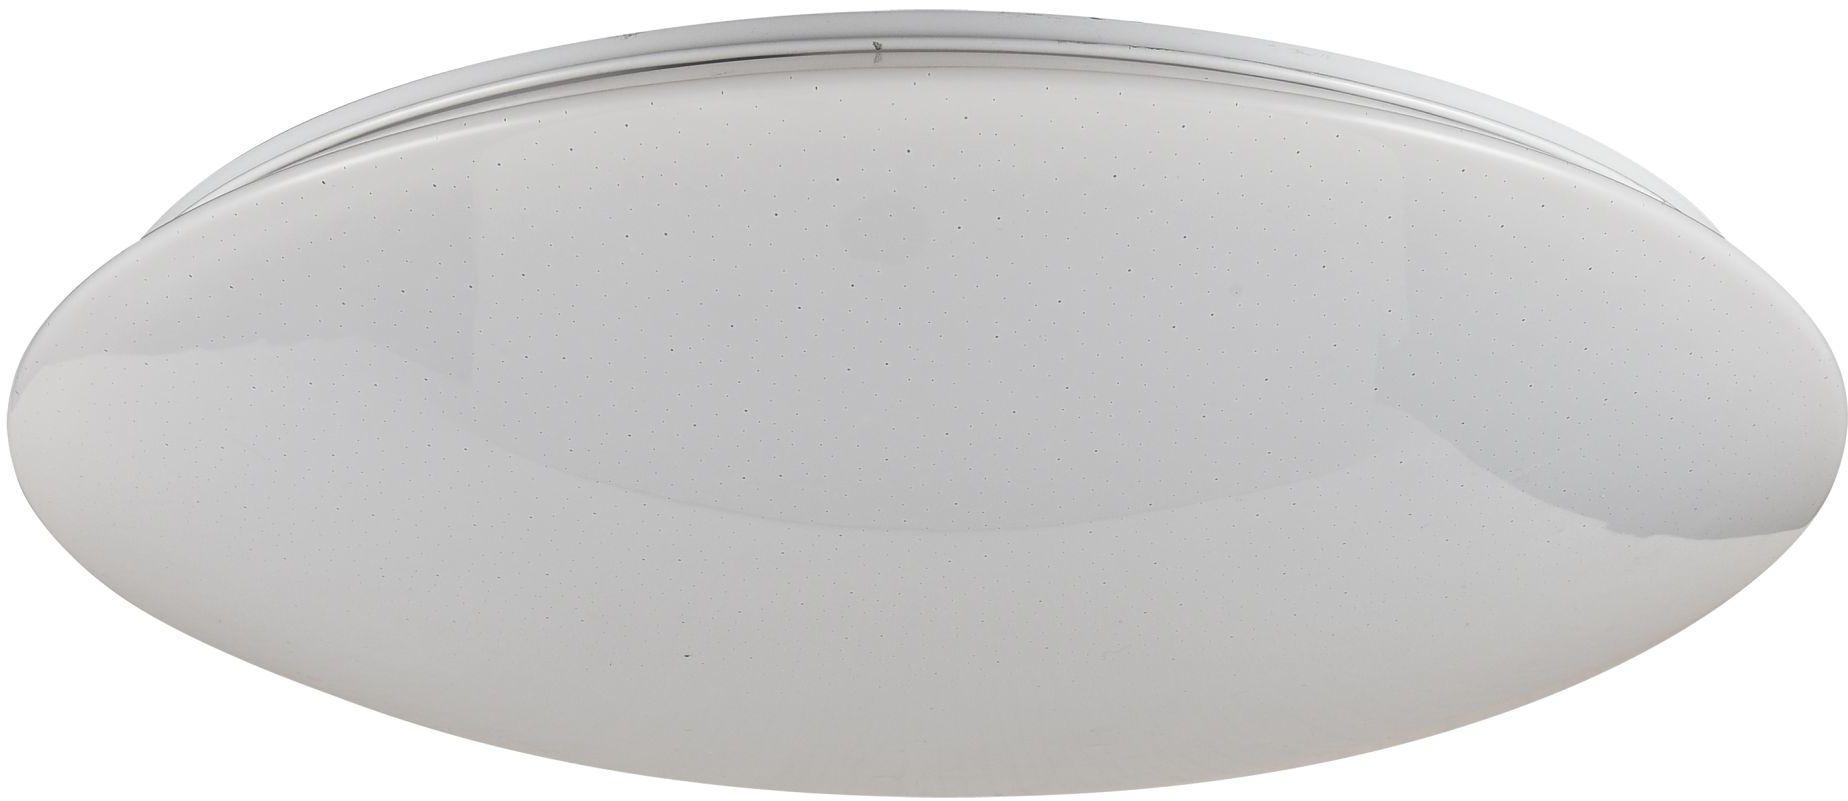 Maytoni Gloria C6999-CL-45-W plafon lampa sufitowa klosz akrylowy biały LED 3000-6500K 50W 49,5cm